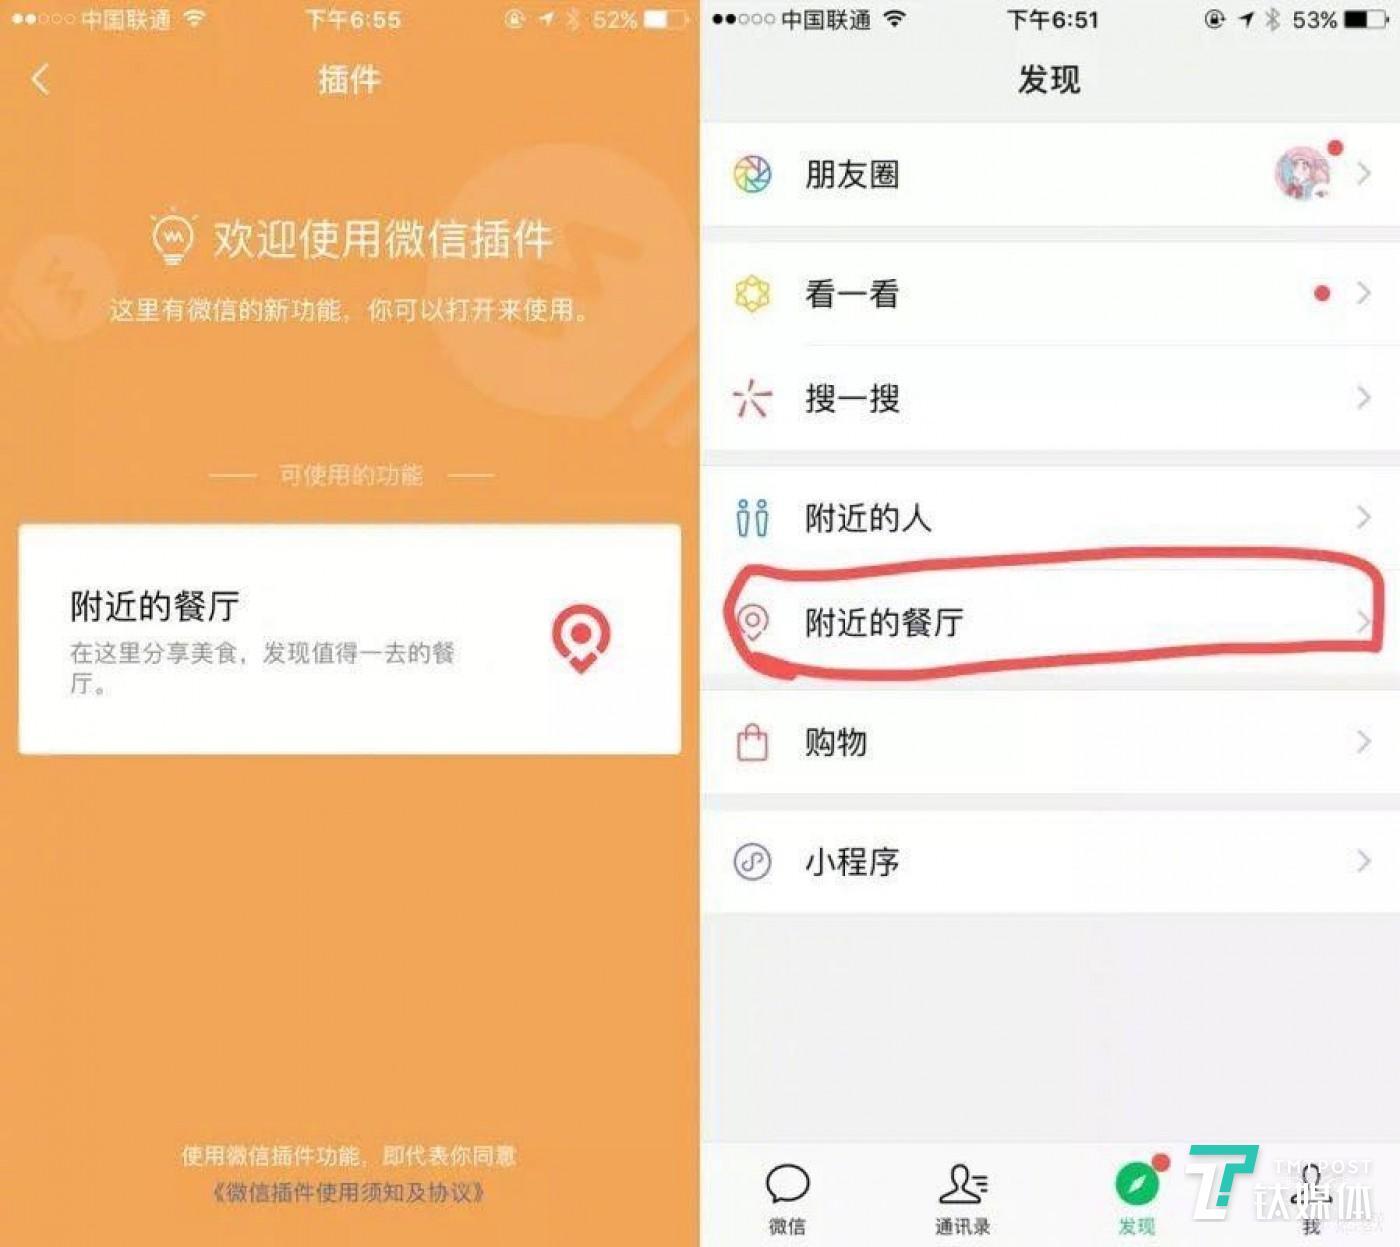 """微信为广州用户开通的""""附近的餐厅""""功能"""